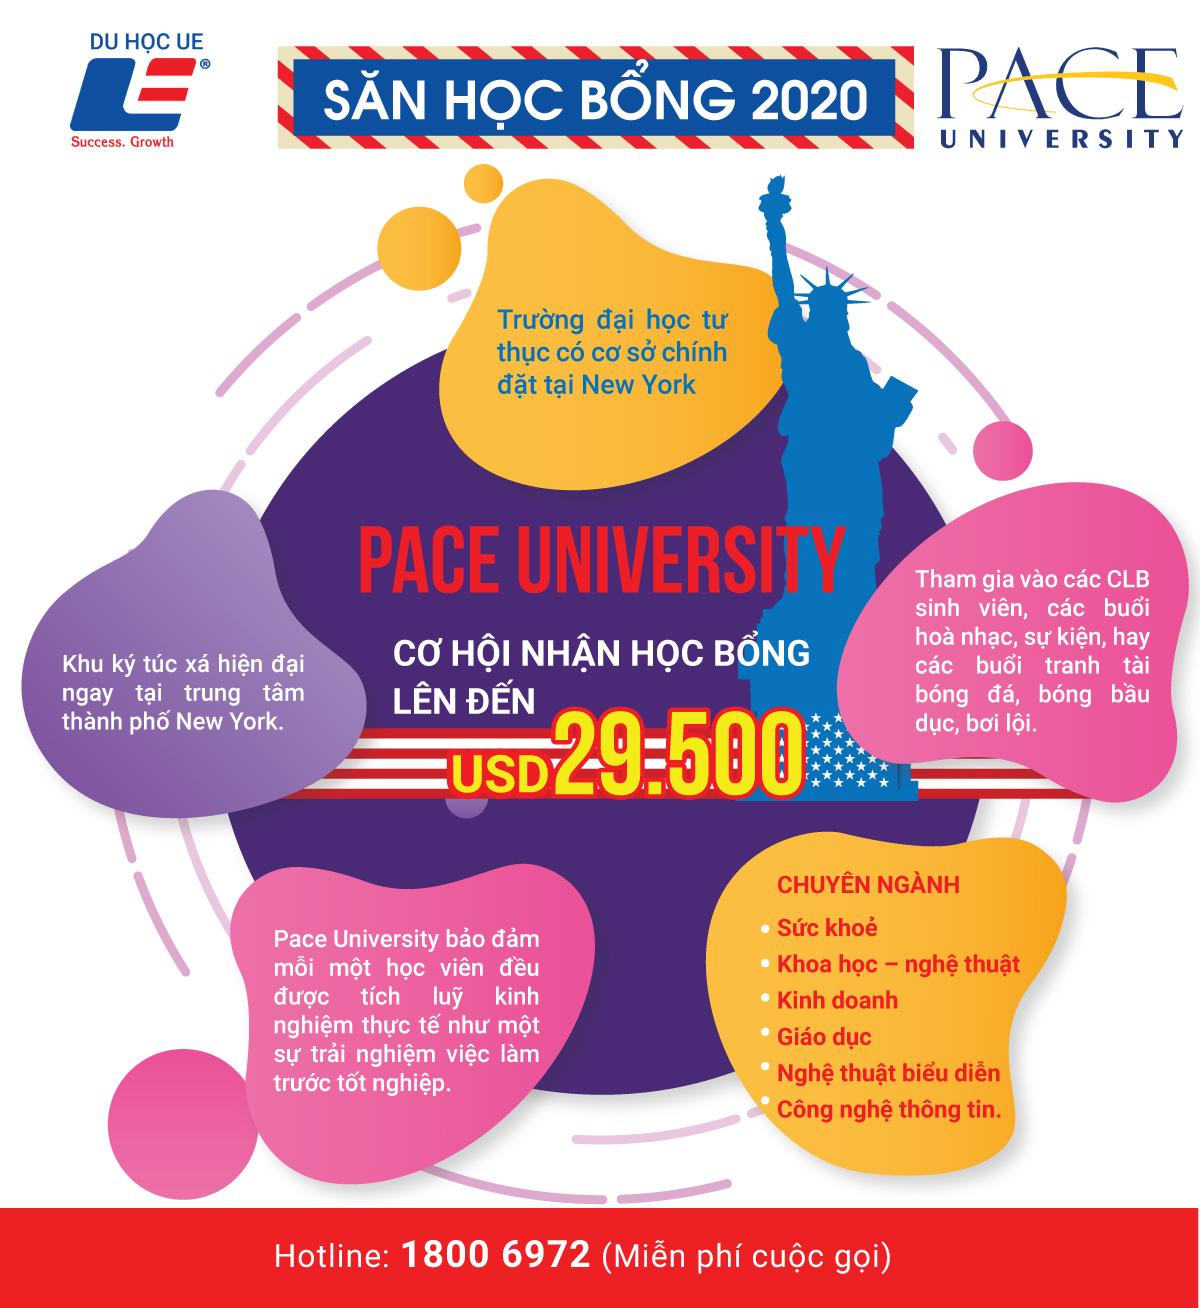 Du học Mỹ cùng Pace University, cơ hội nhận học bổng lên đến 29.500 USD 2